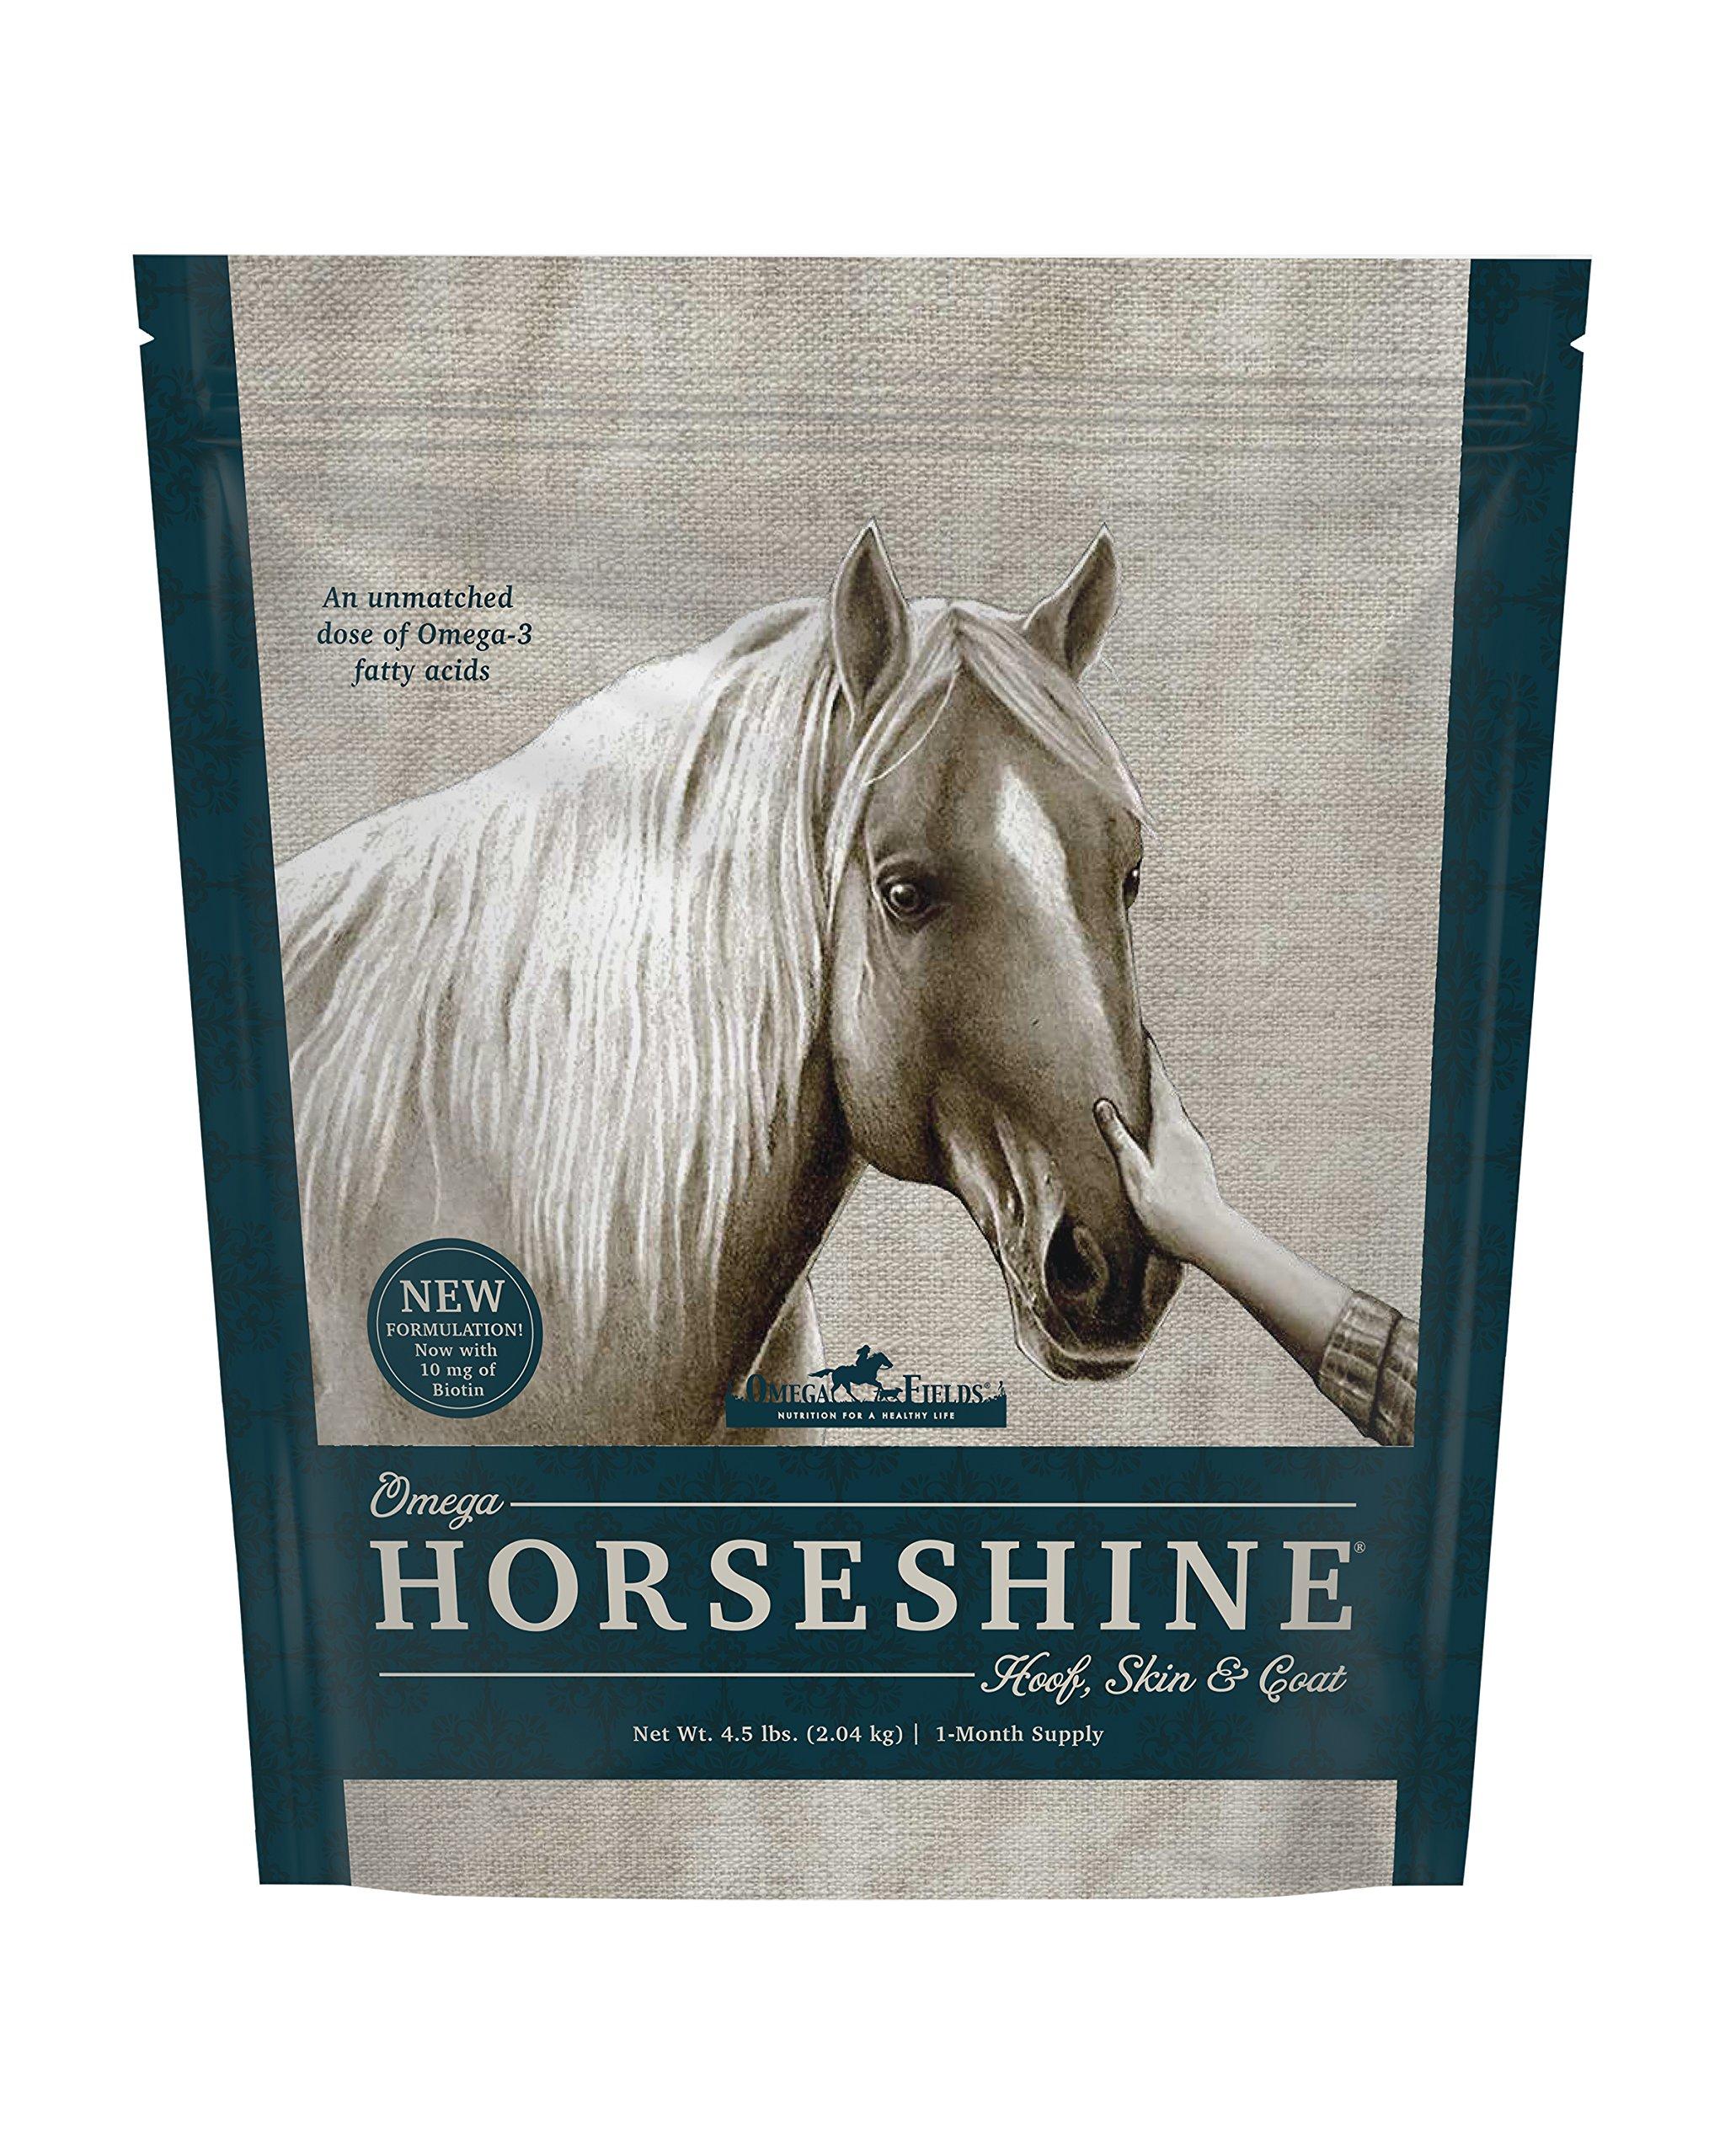 Omega Horseshine 3 Supplement, 4.5 Lb by Omega Horseshine